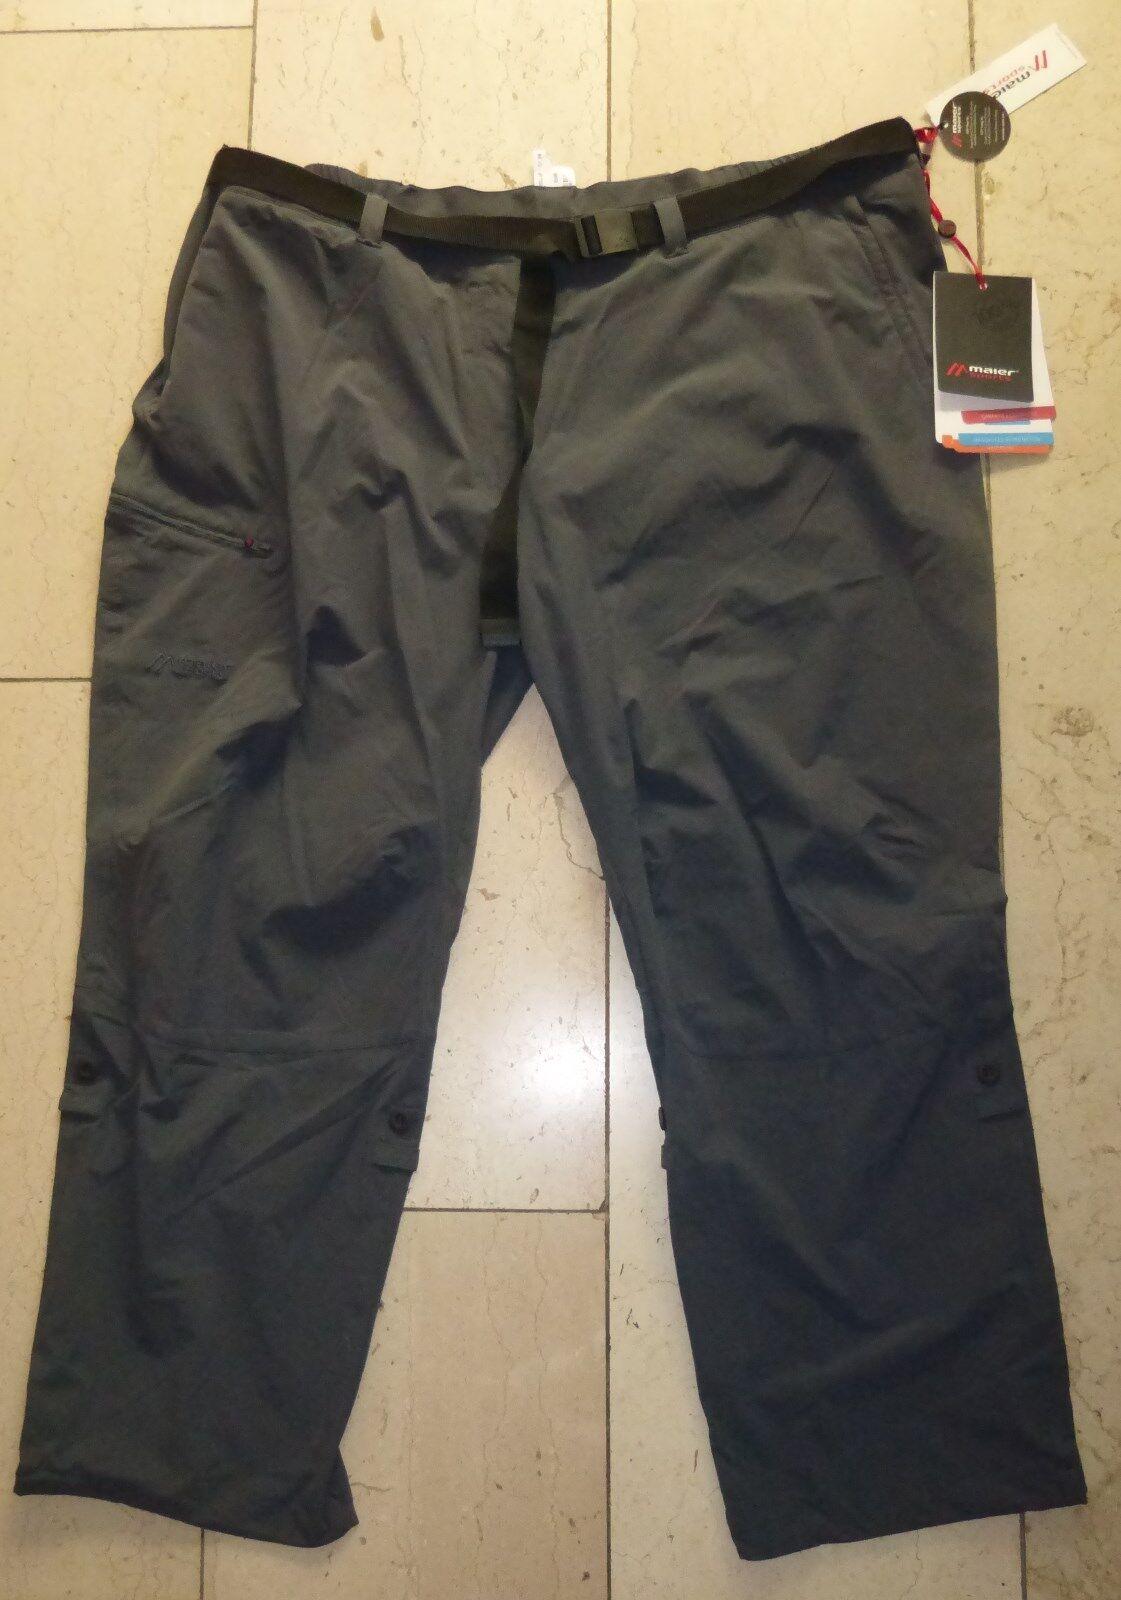 Maier Sports Donna Funzione Pantaloni Taglia 28 56k Wanderhose lulaka Trekking pantaloni